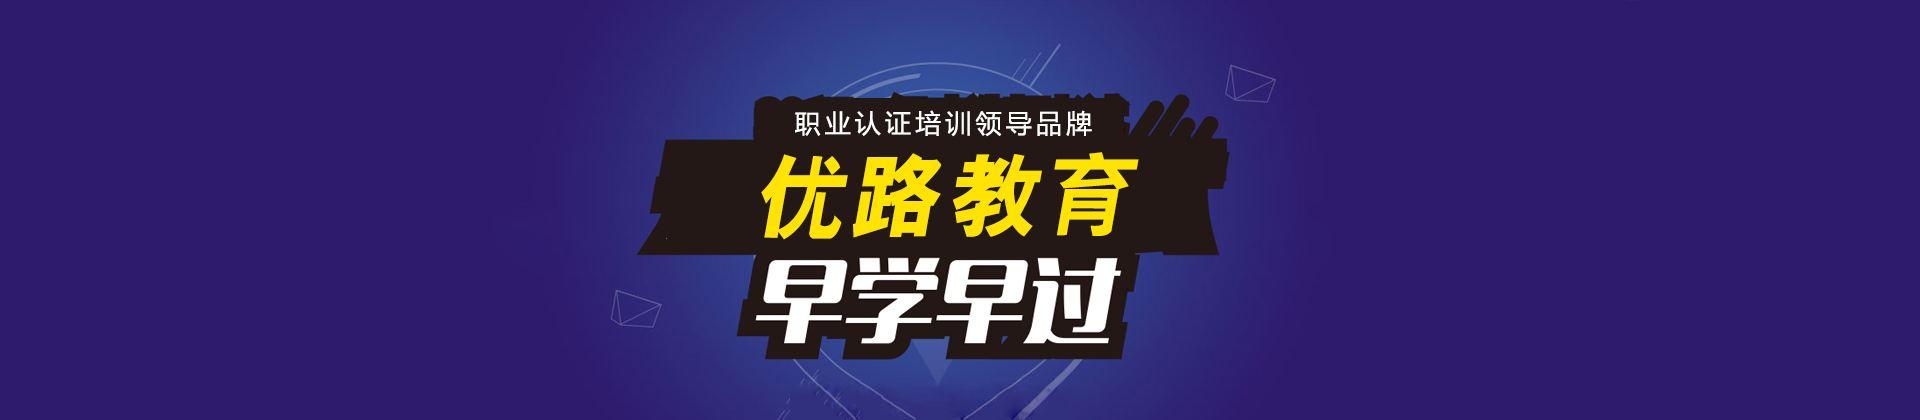 河北邯���路教育培��W校